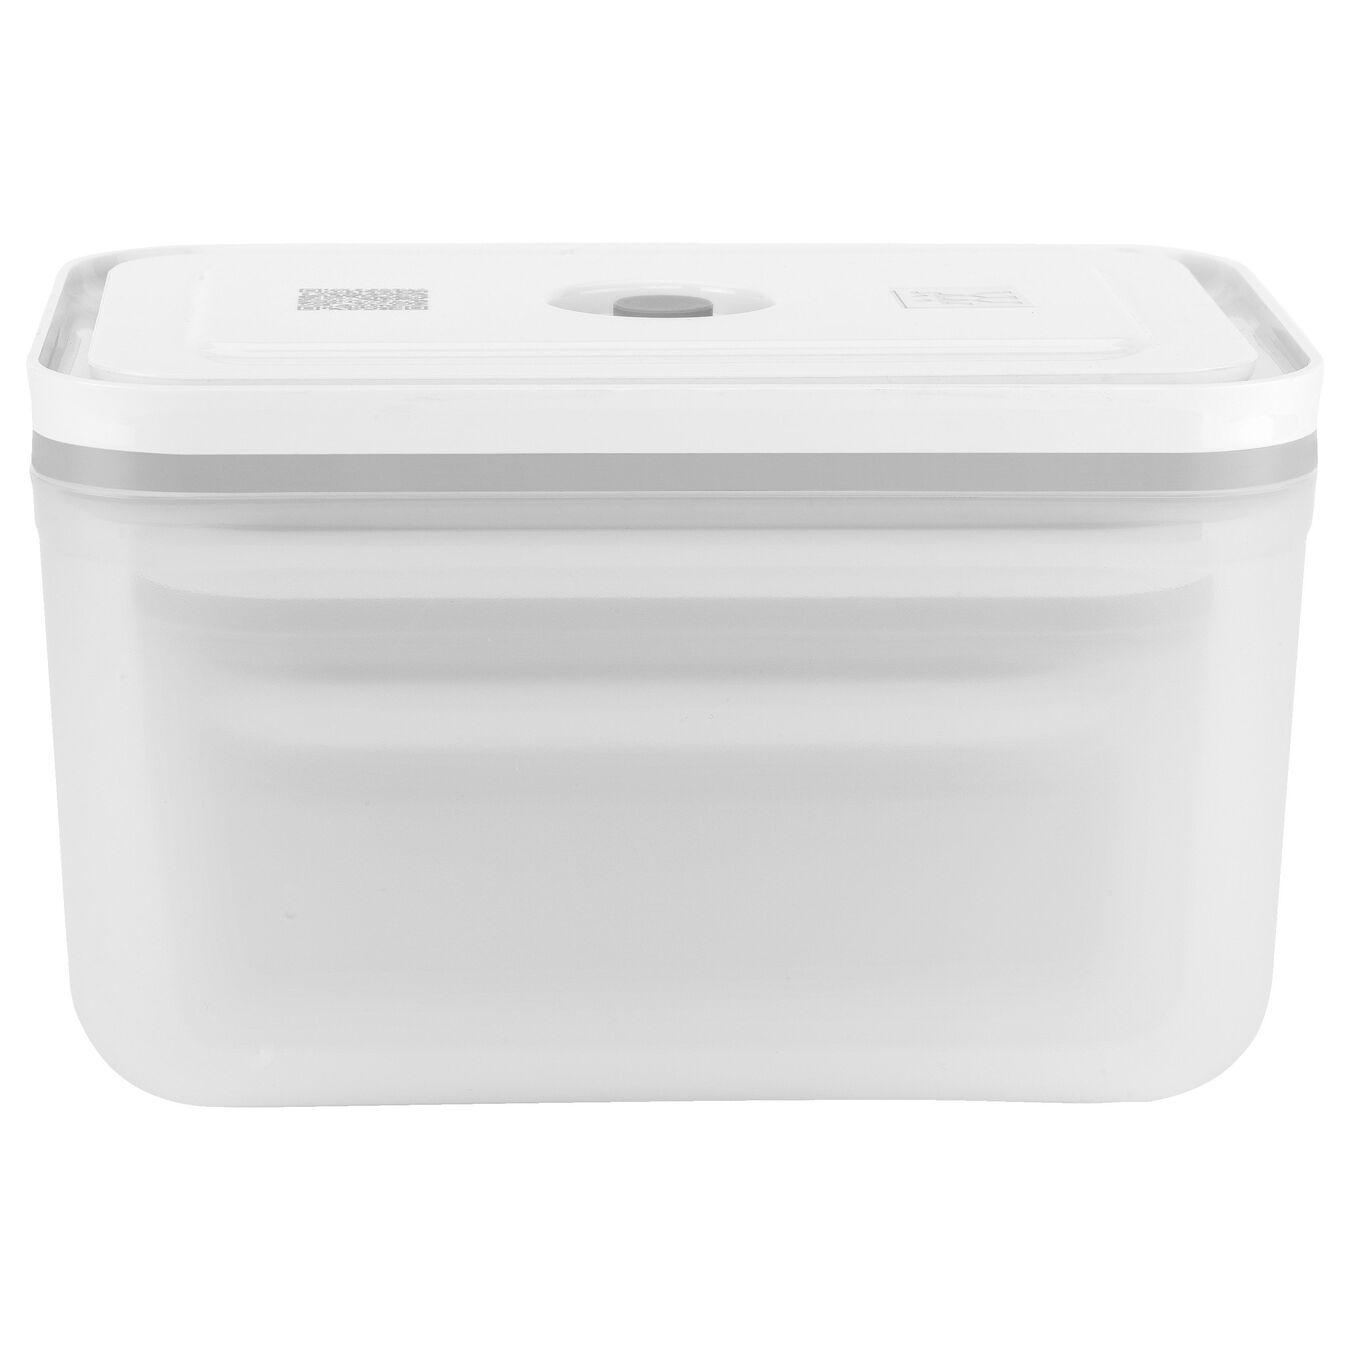 Vakuum Boxset, S/M/L / 3-tlg, Kunststoff, Weiß,,large 2